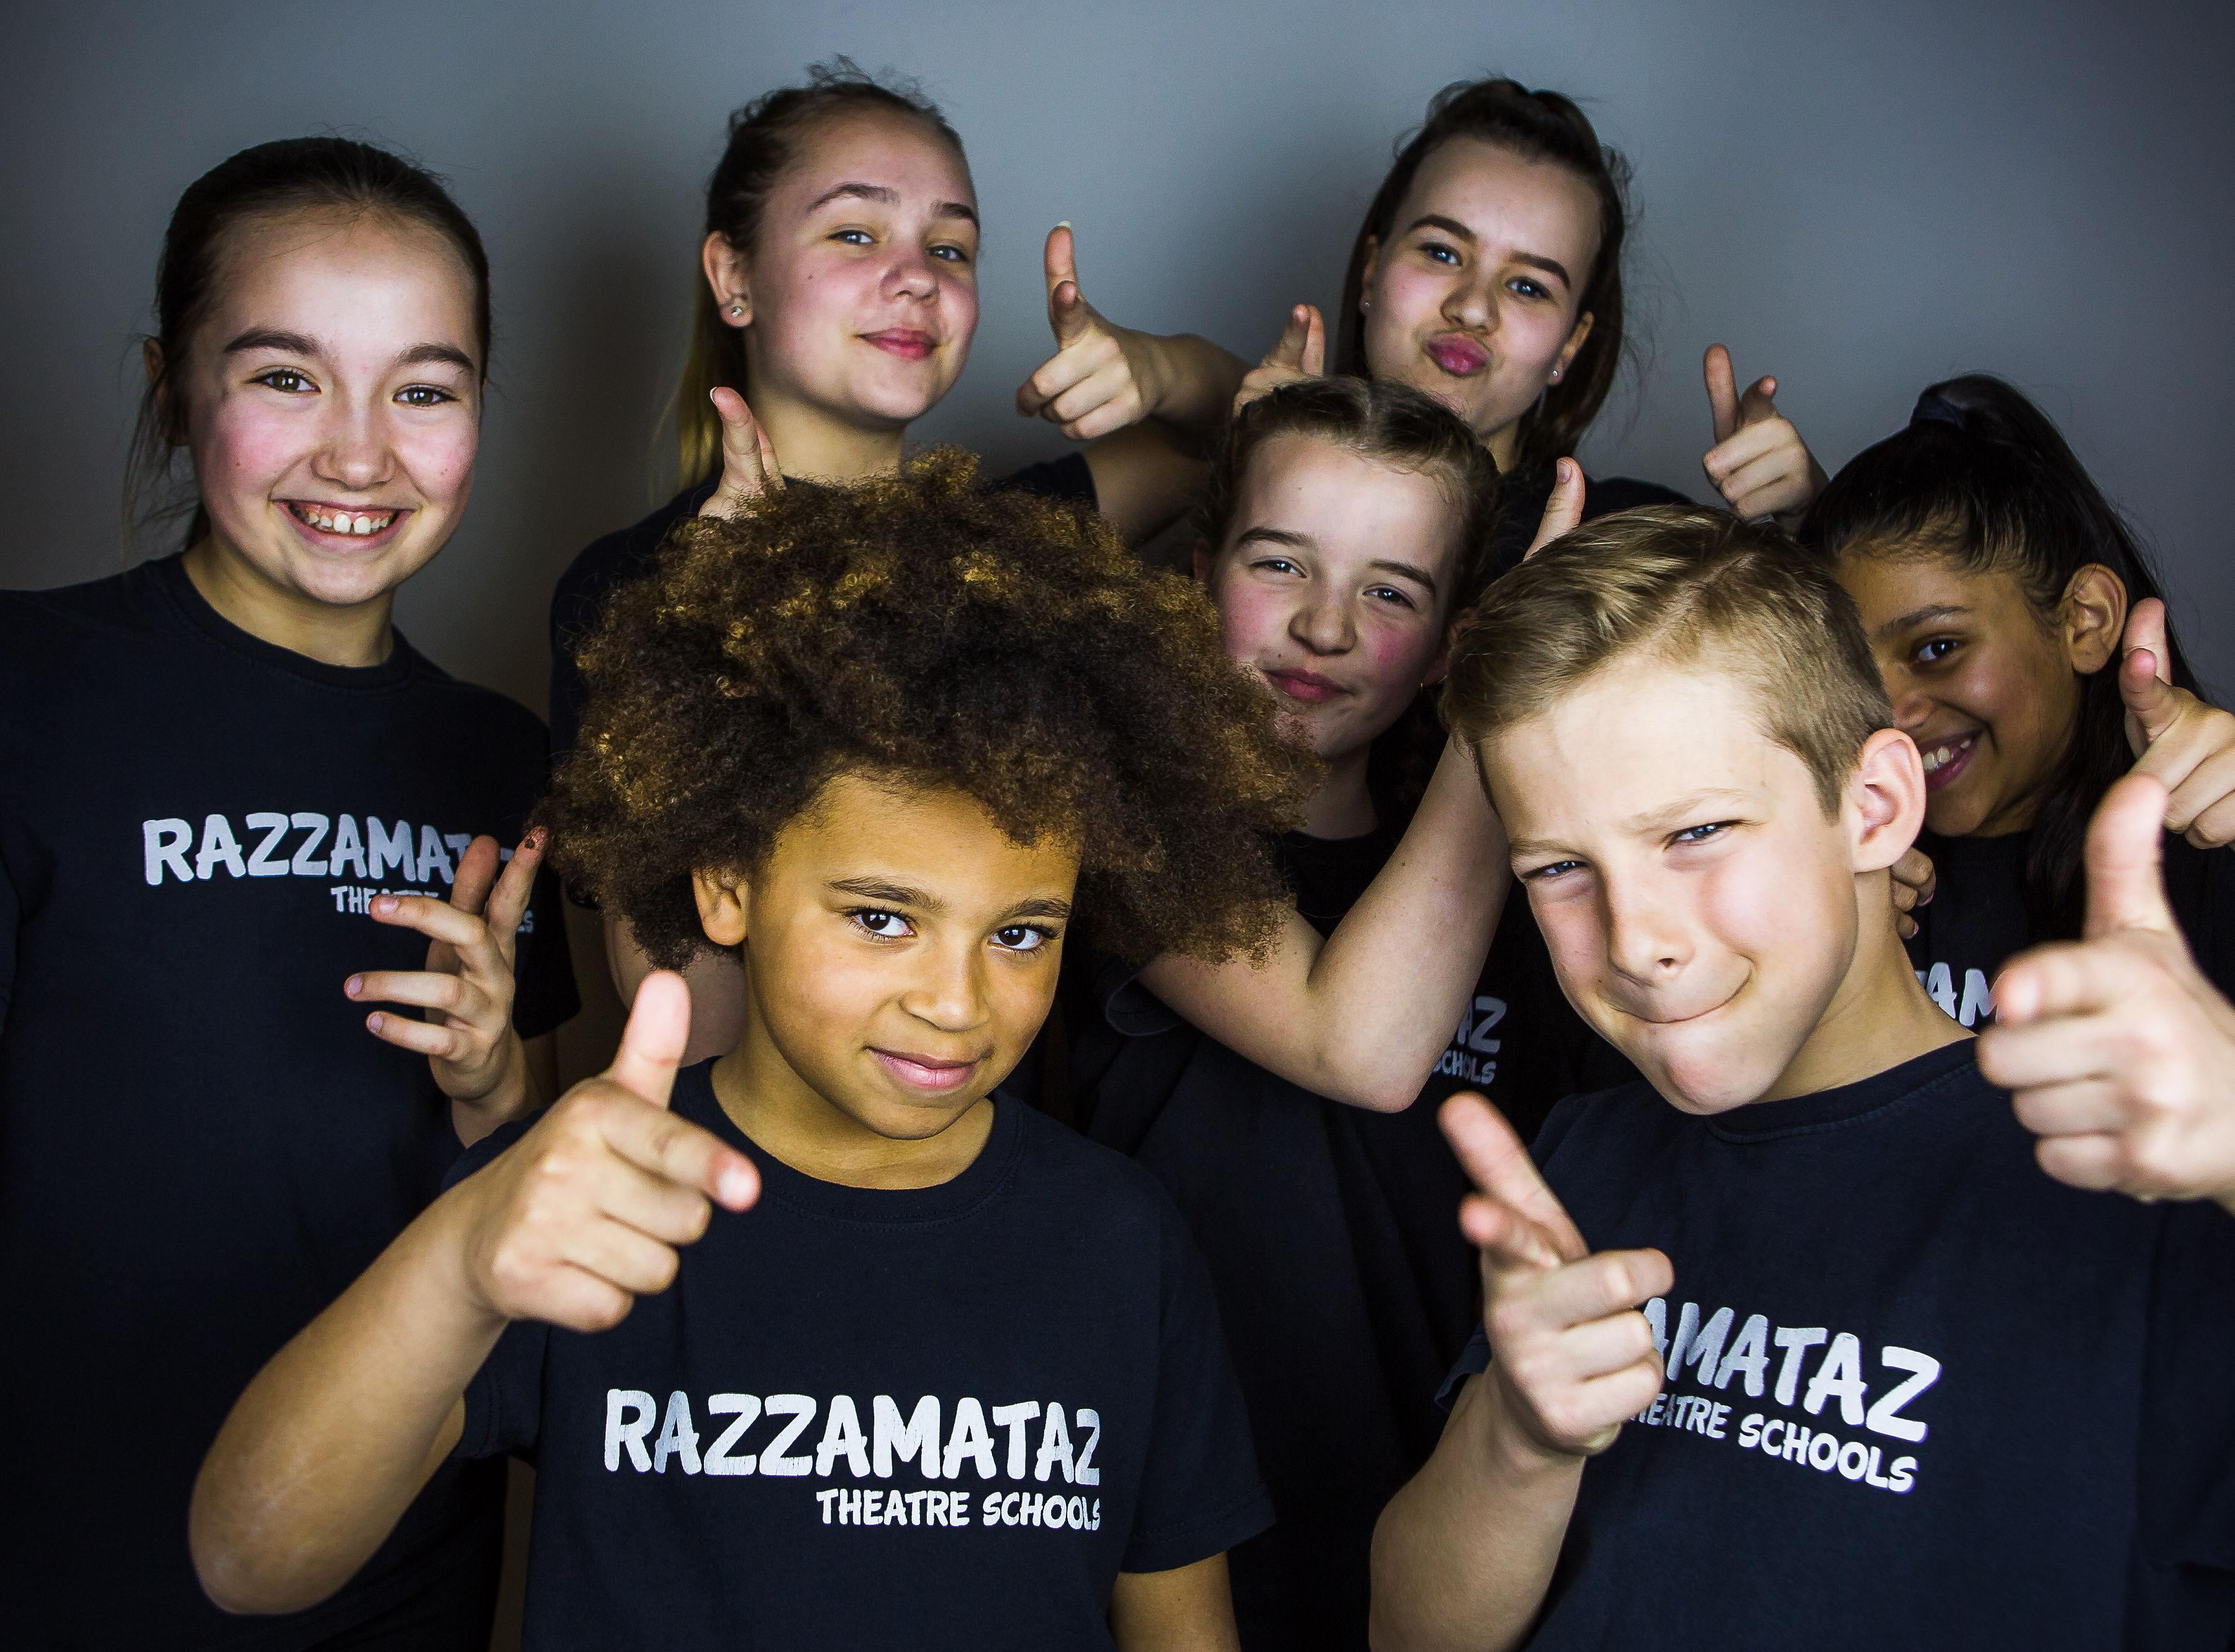 Razzamataz Students